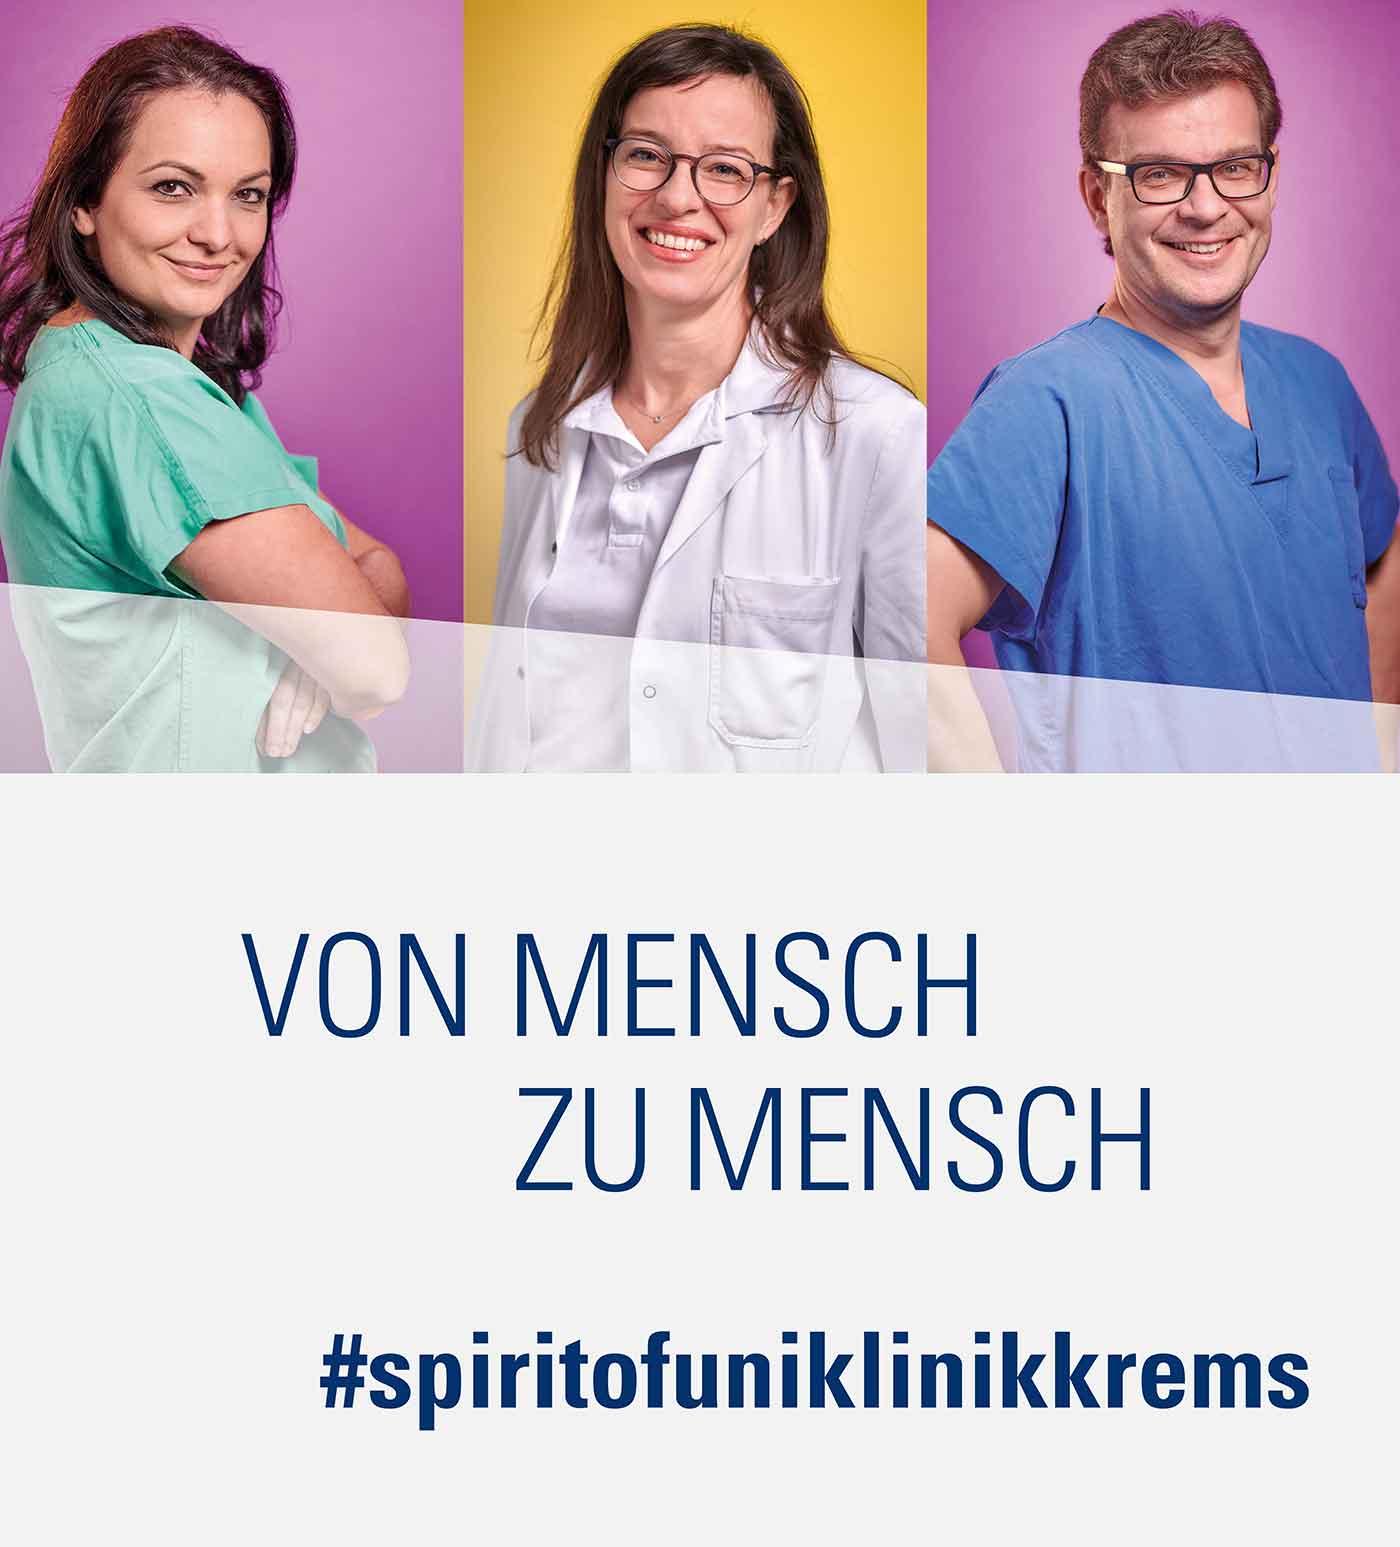 Tolle Atmosphäre im Universitätsklinikum Krems